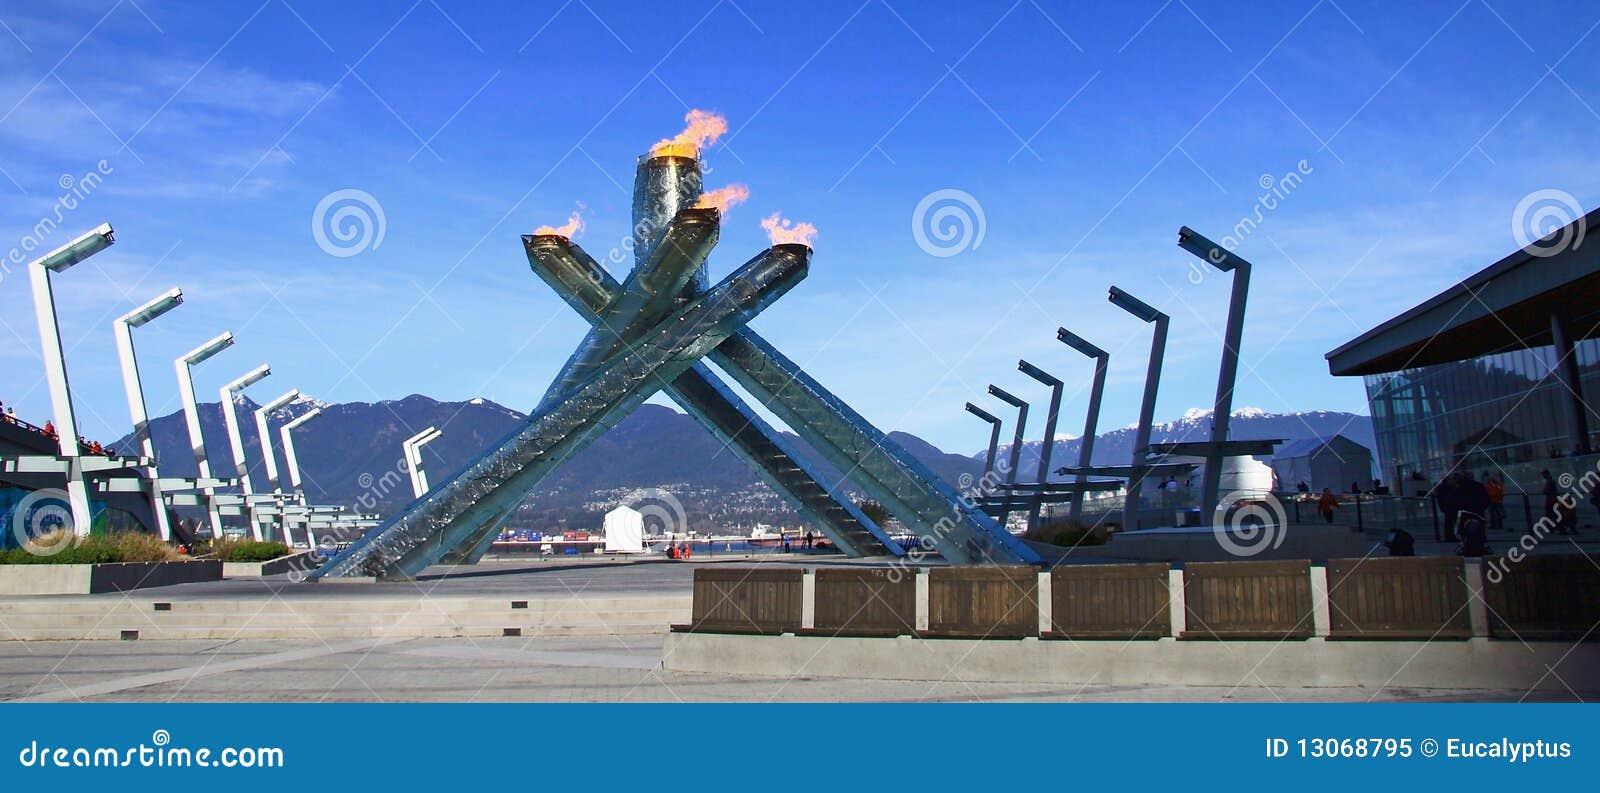 Juegos Olimpicos De Invierno Vancouver 2010 Imagen Editorial